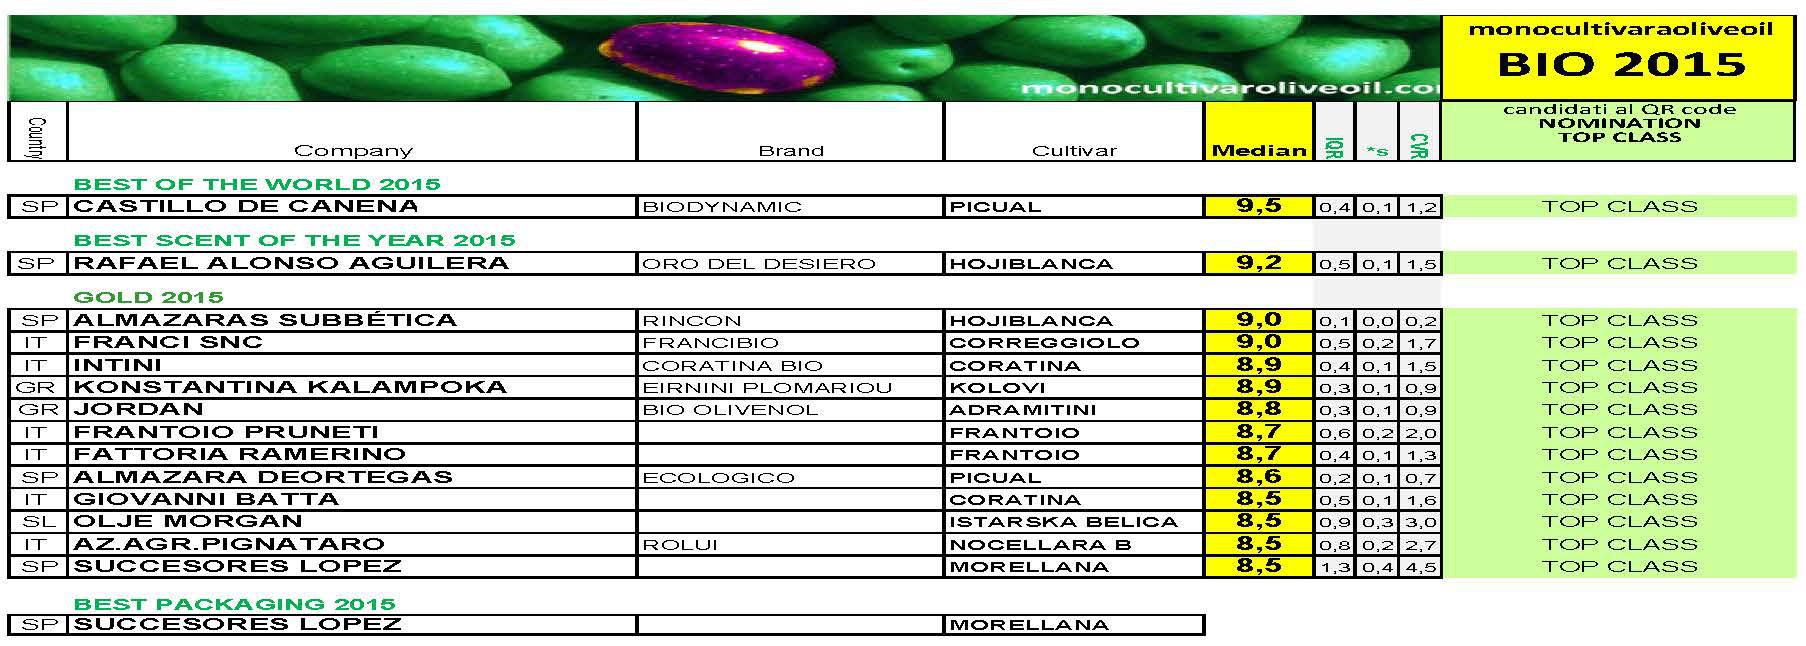 moncultivaroliveoil.EXPO-BIO 2015 (4)